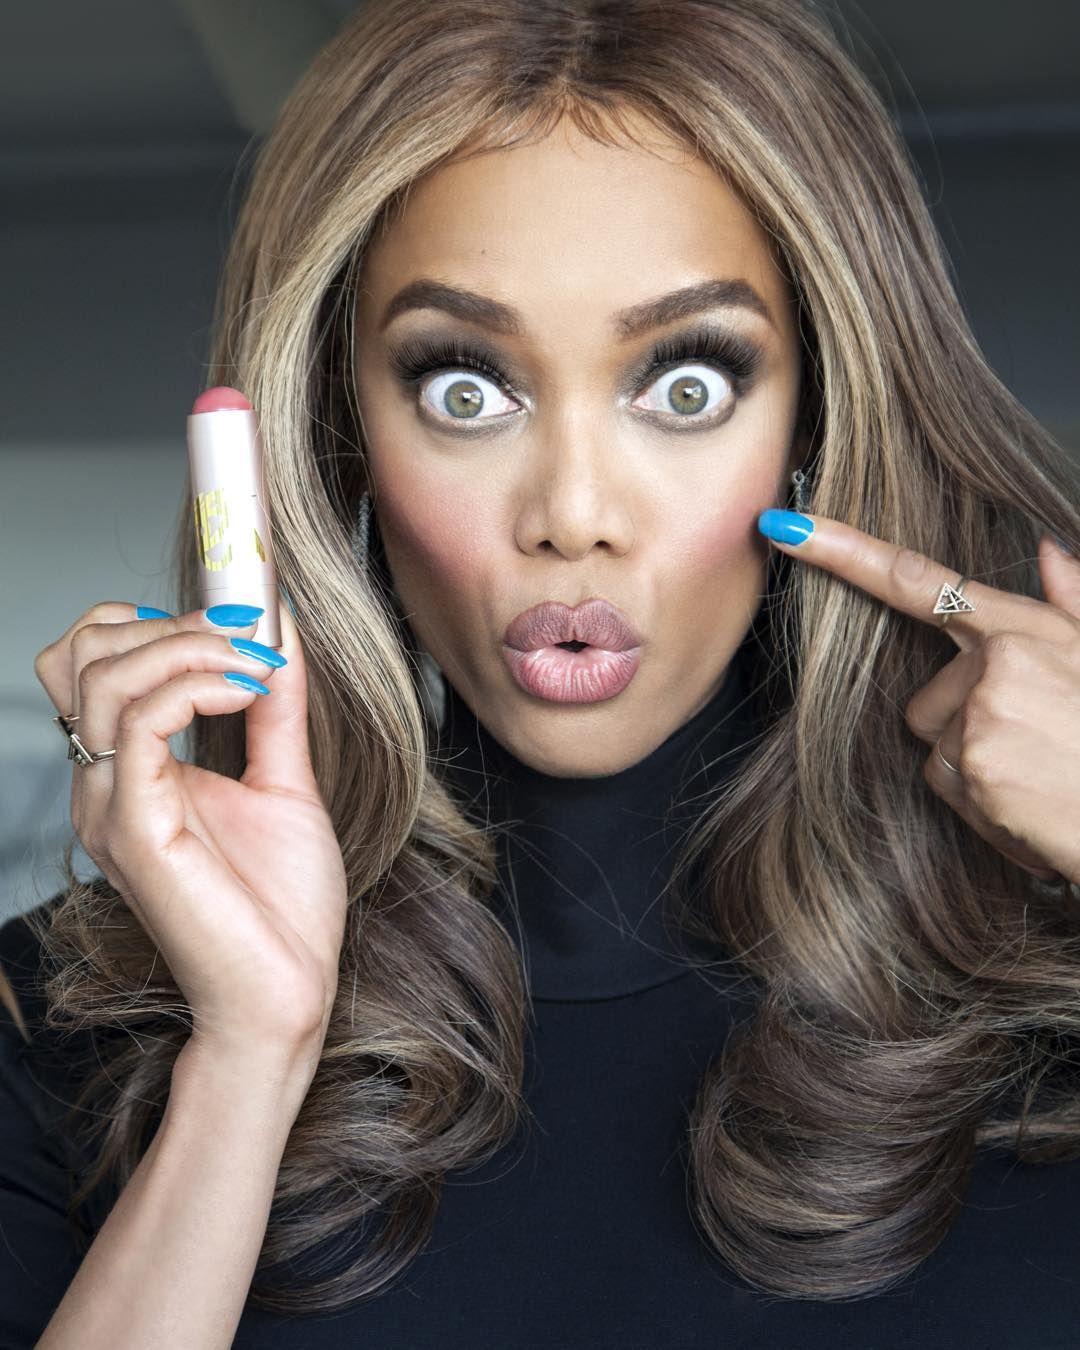 Tyra Banks Created Makeup for 'Chocolate' Girls to Contour